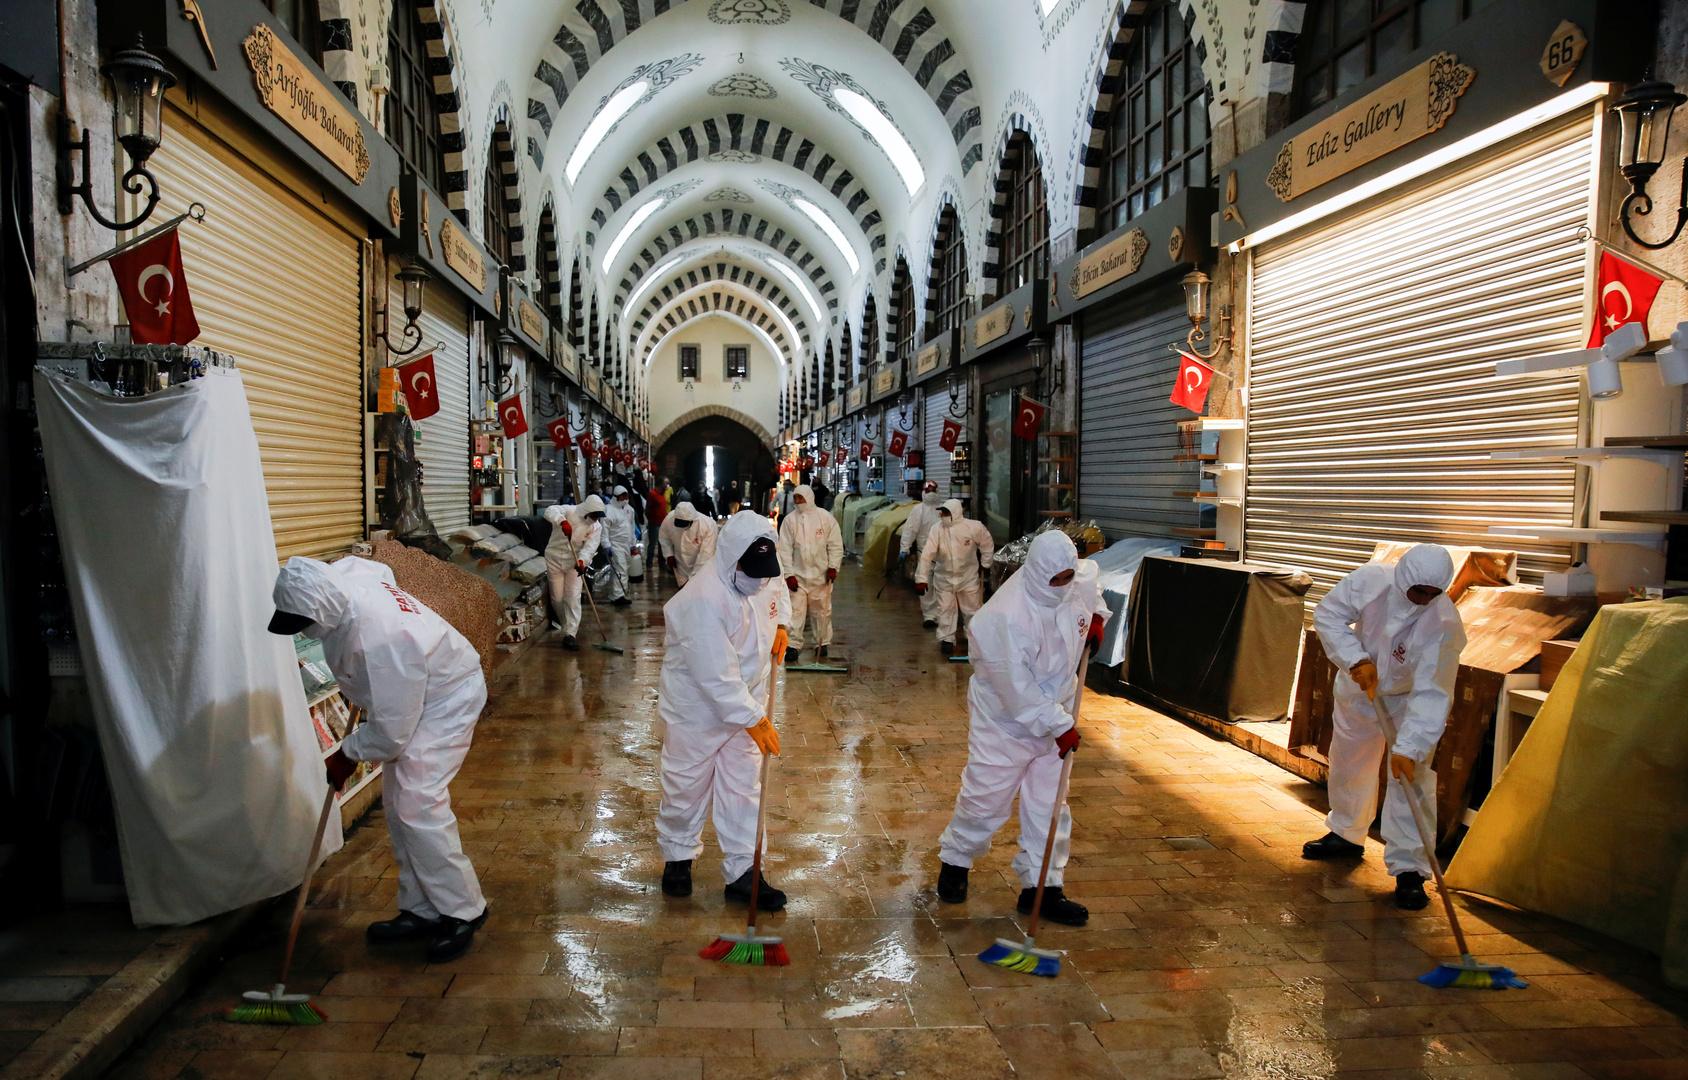 عملية تطهير صحي في السوق المصرية باسطنبول.